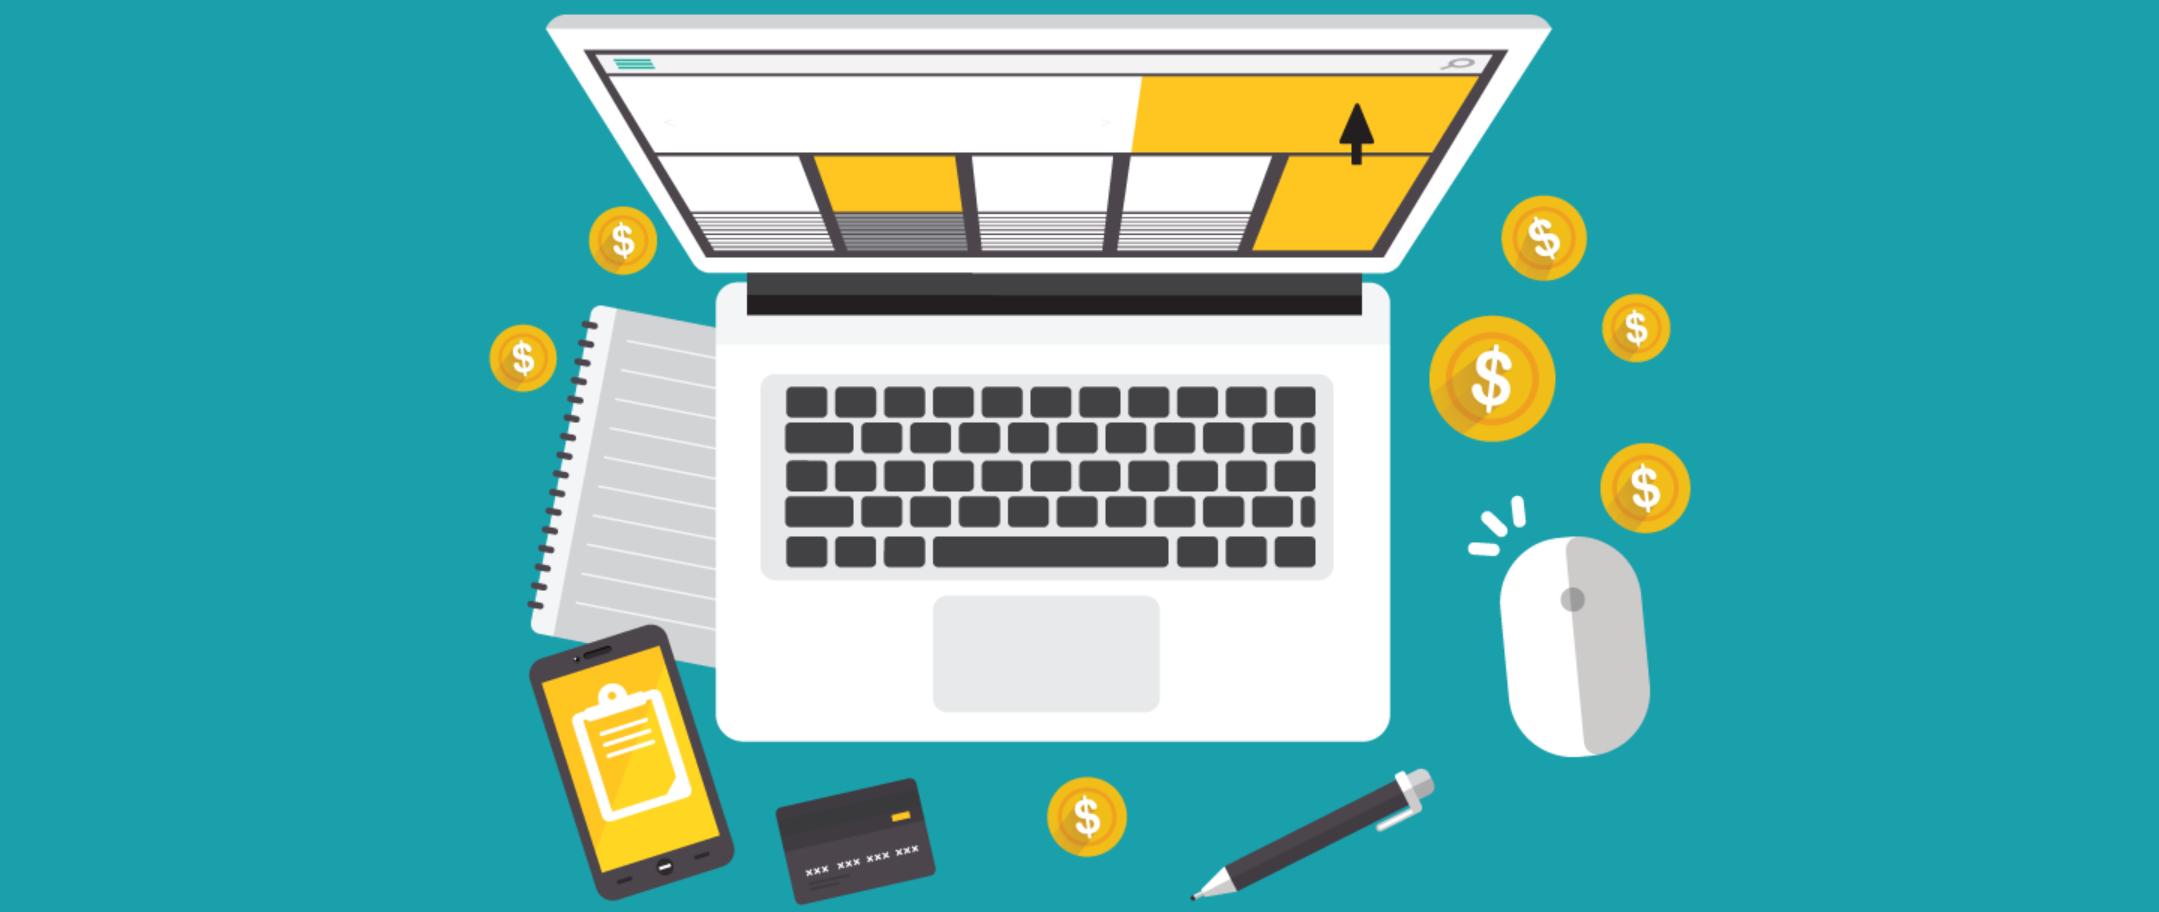 7 действенных способов как экономить на рекламе в интернете и онлайн-сервисах